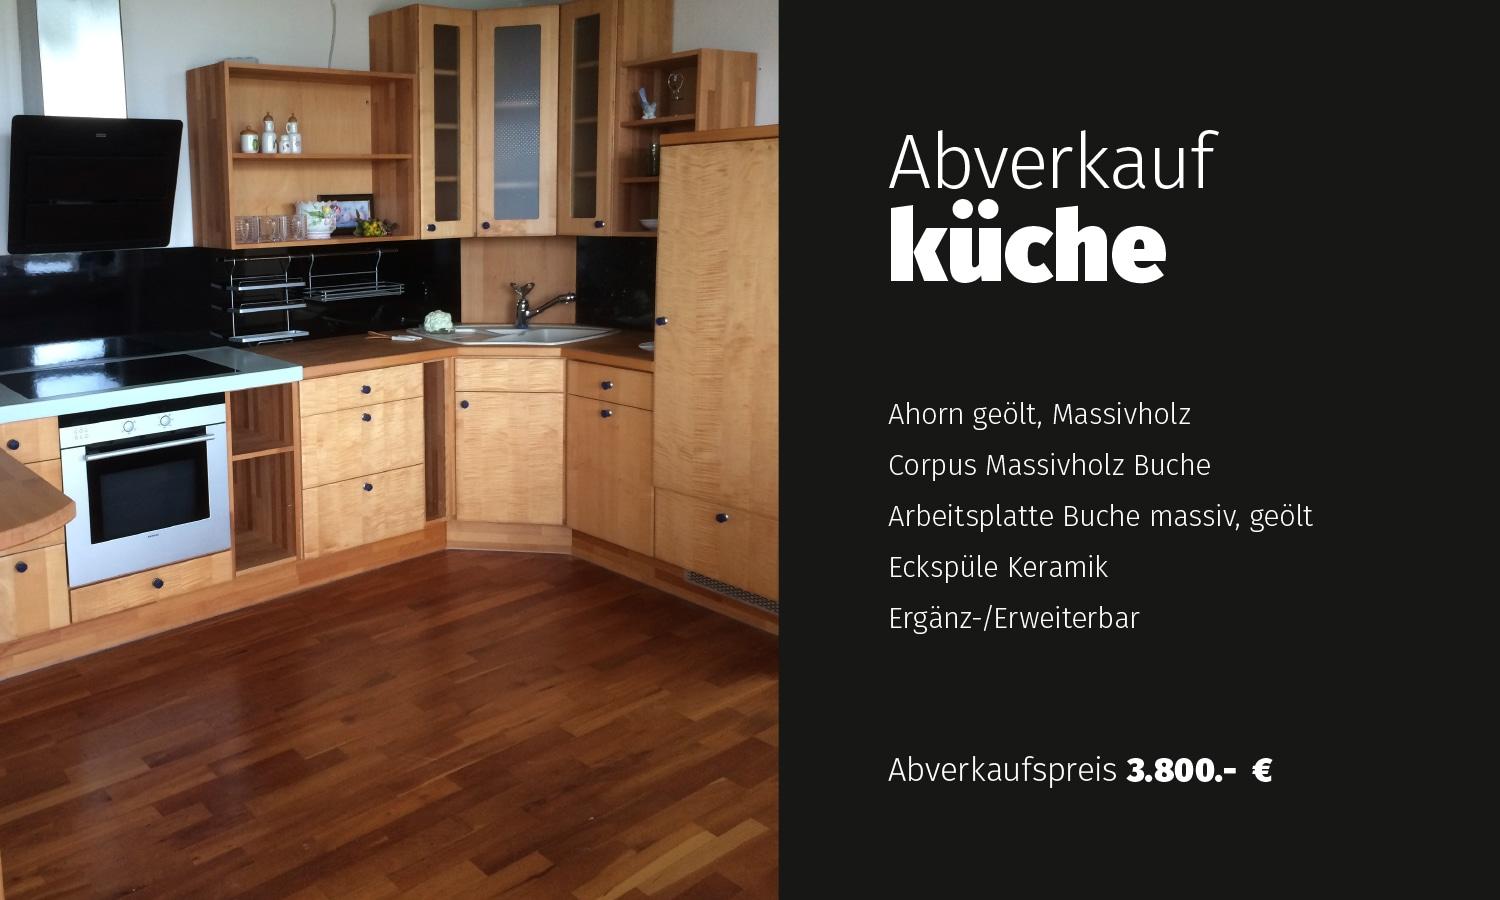 Full Size of Kuechen Und Kuechenmoebel Abverkauf Massivholzküche Inselküche Bad Wohnzimmer Massivholzküche Abverkauf